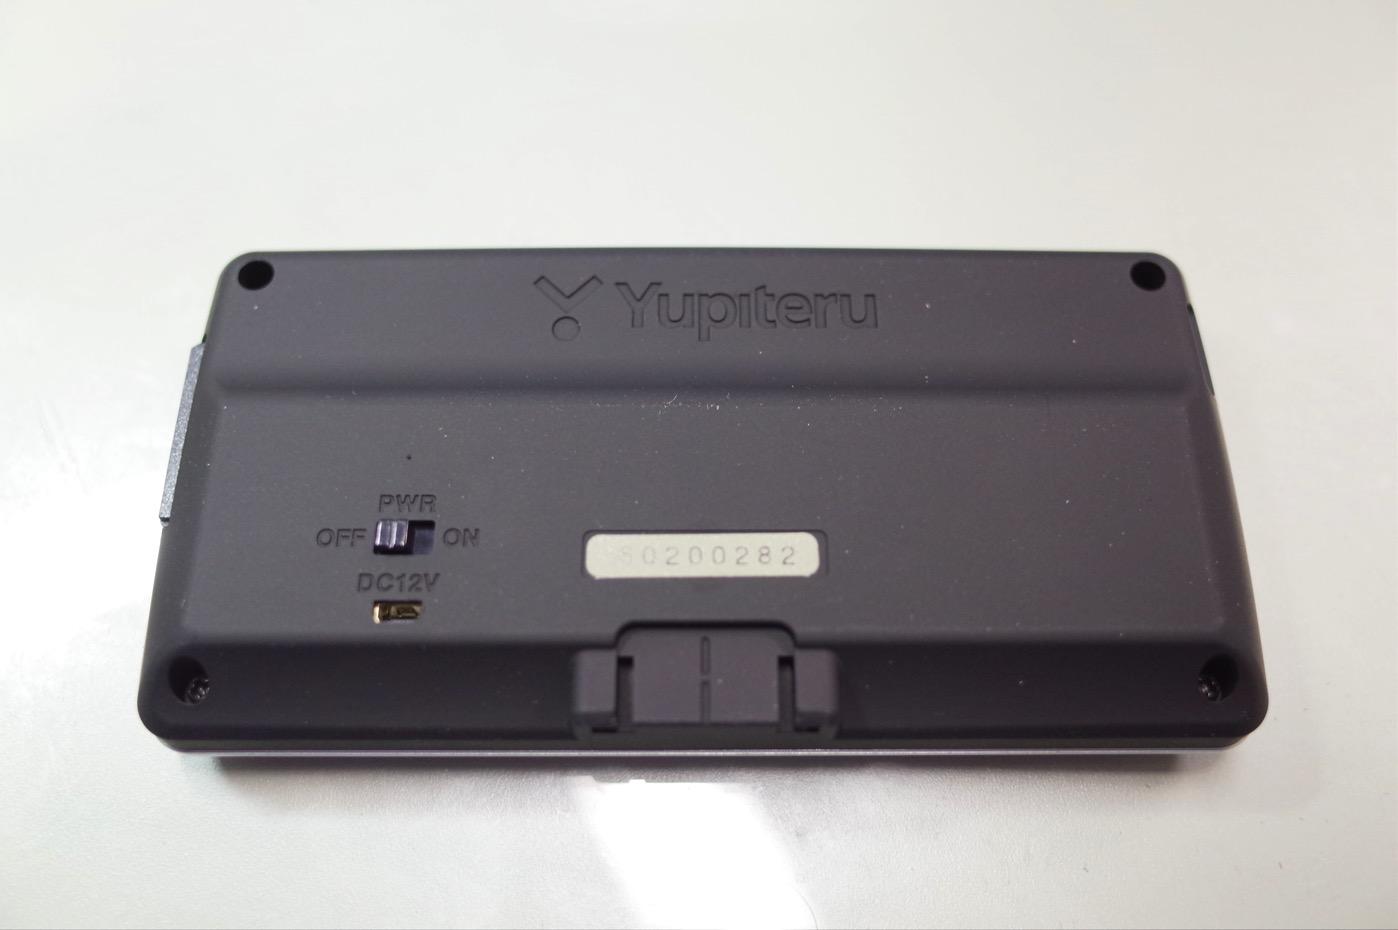 ユピテル レーダー探知機 スーパーキャット超高感度GPSアンテナ搭載 一体型 GWR93sd-6